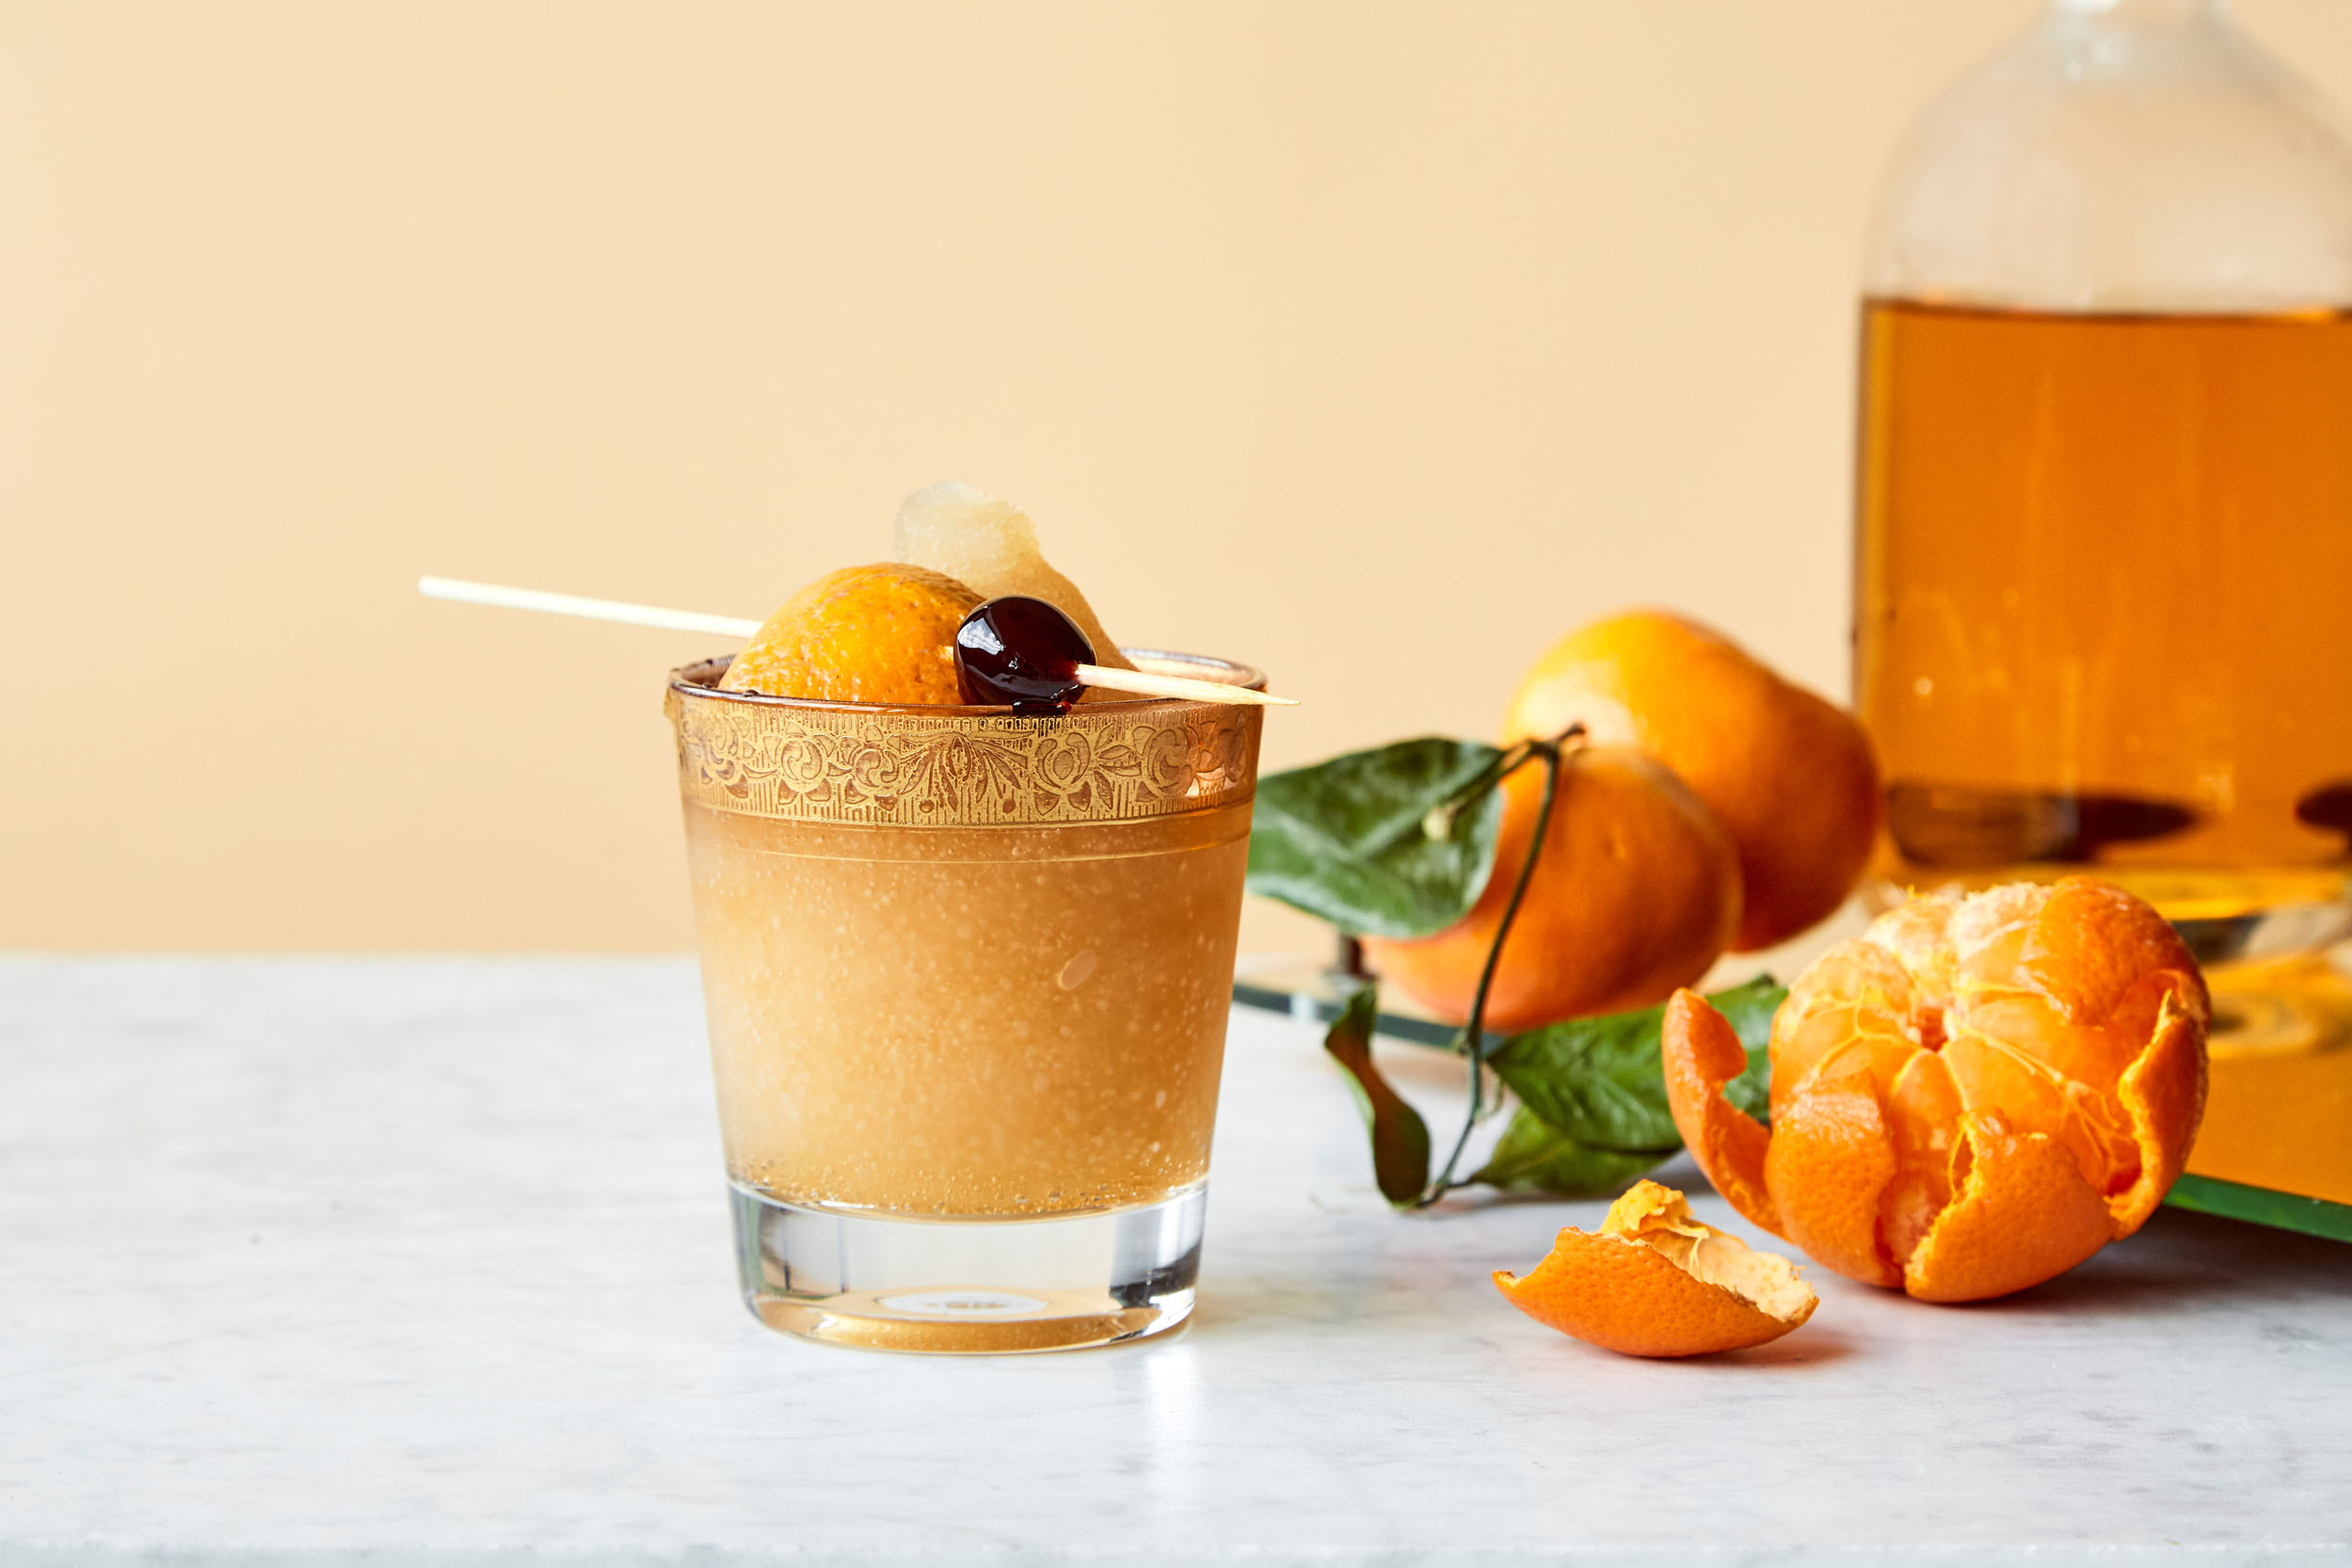 cold fashioned - Kelvin Citrus Slush Mix, Whiskey, Orange Juice, Bitters